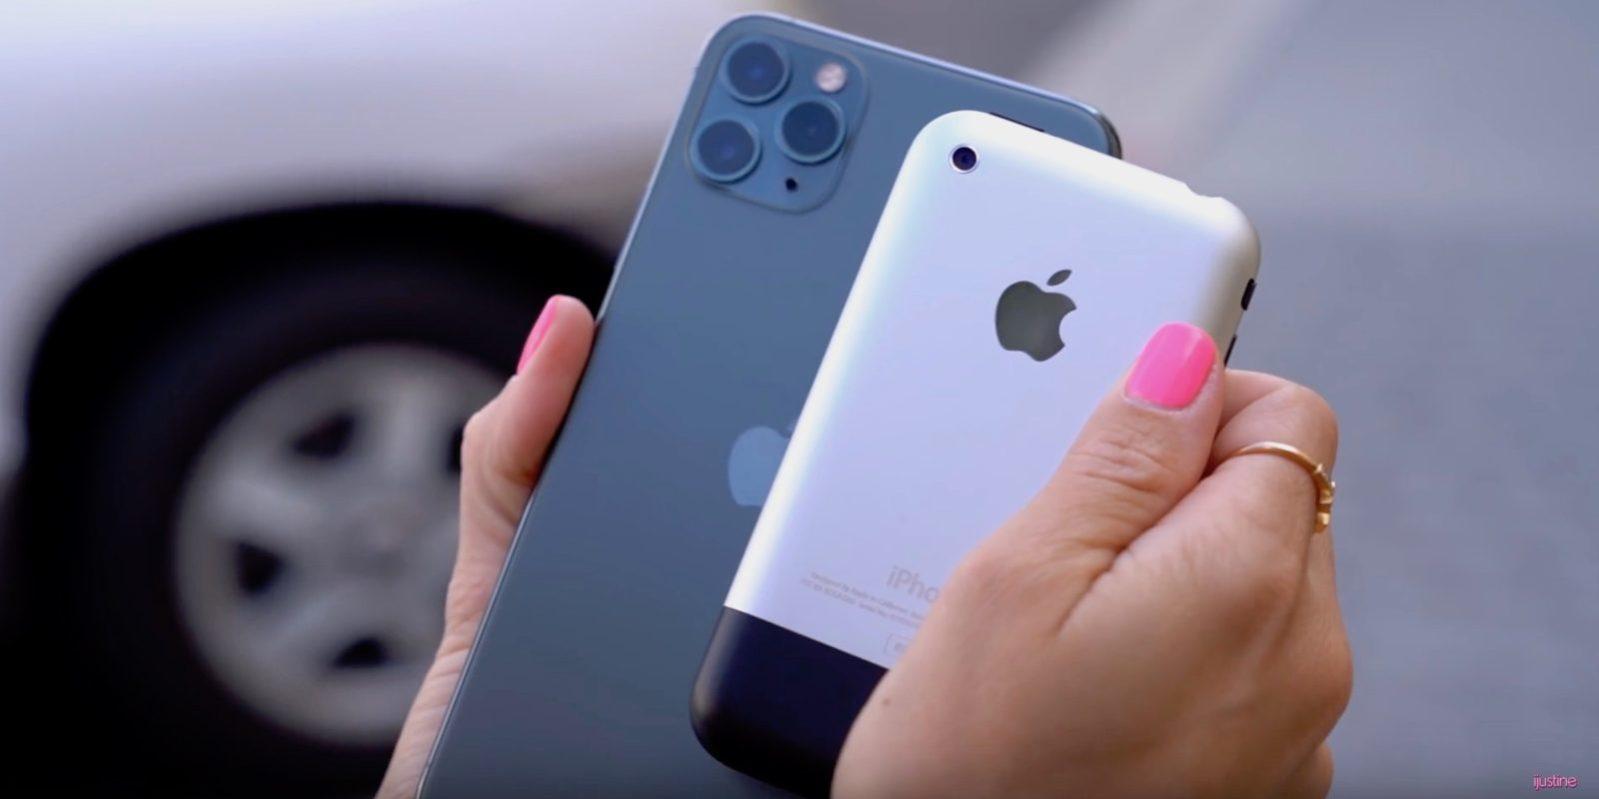 iPhone 11 Pro vs Original iPhone